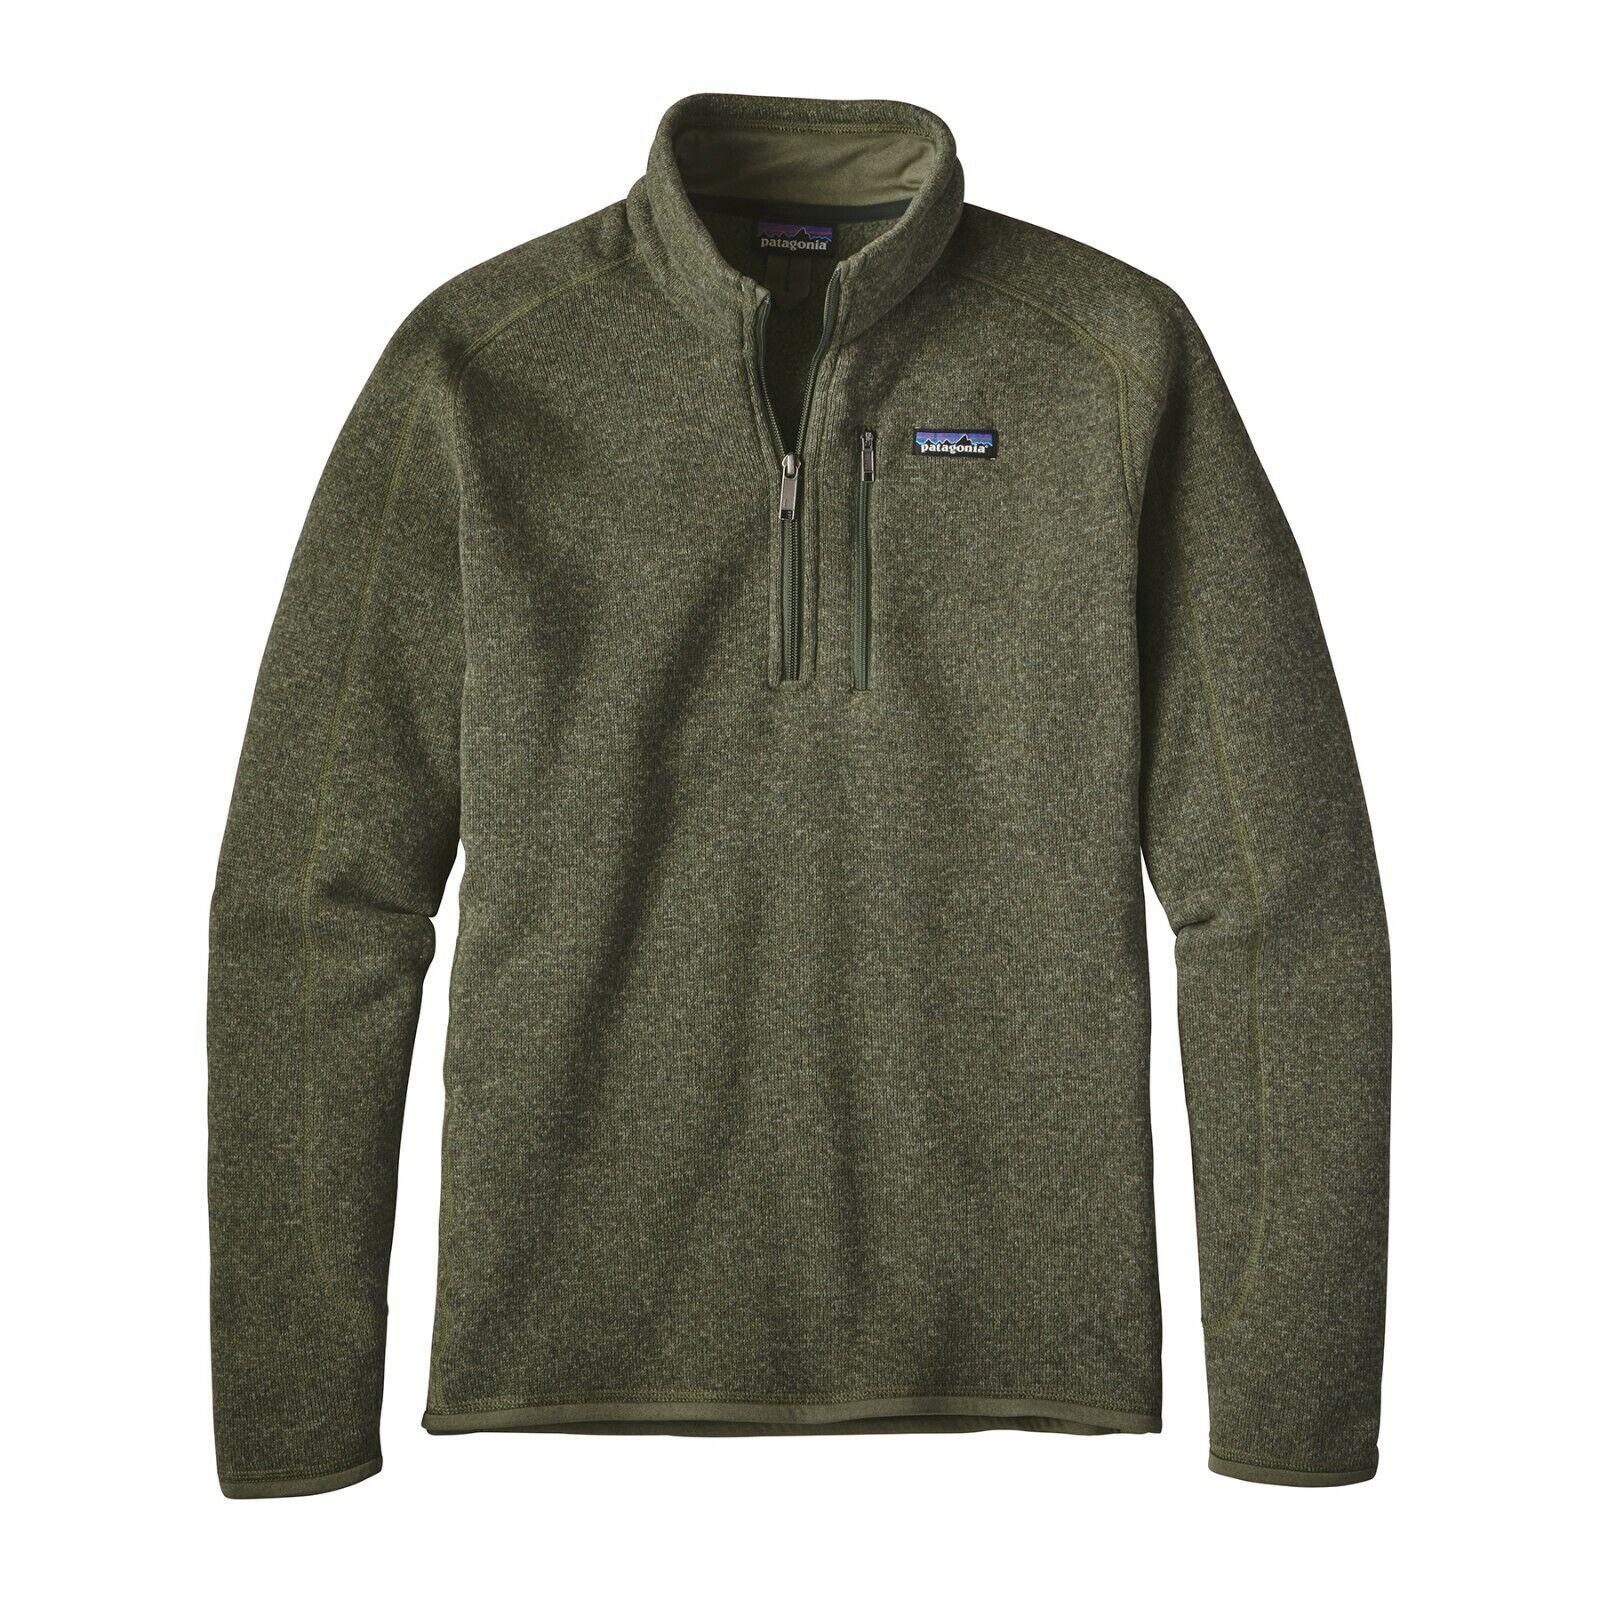 Patagonia Men's  better Sweater ™ 1 4-zip Fleece-industrial verde-M Medium  respuestas rápidas